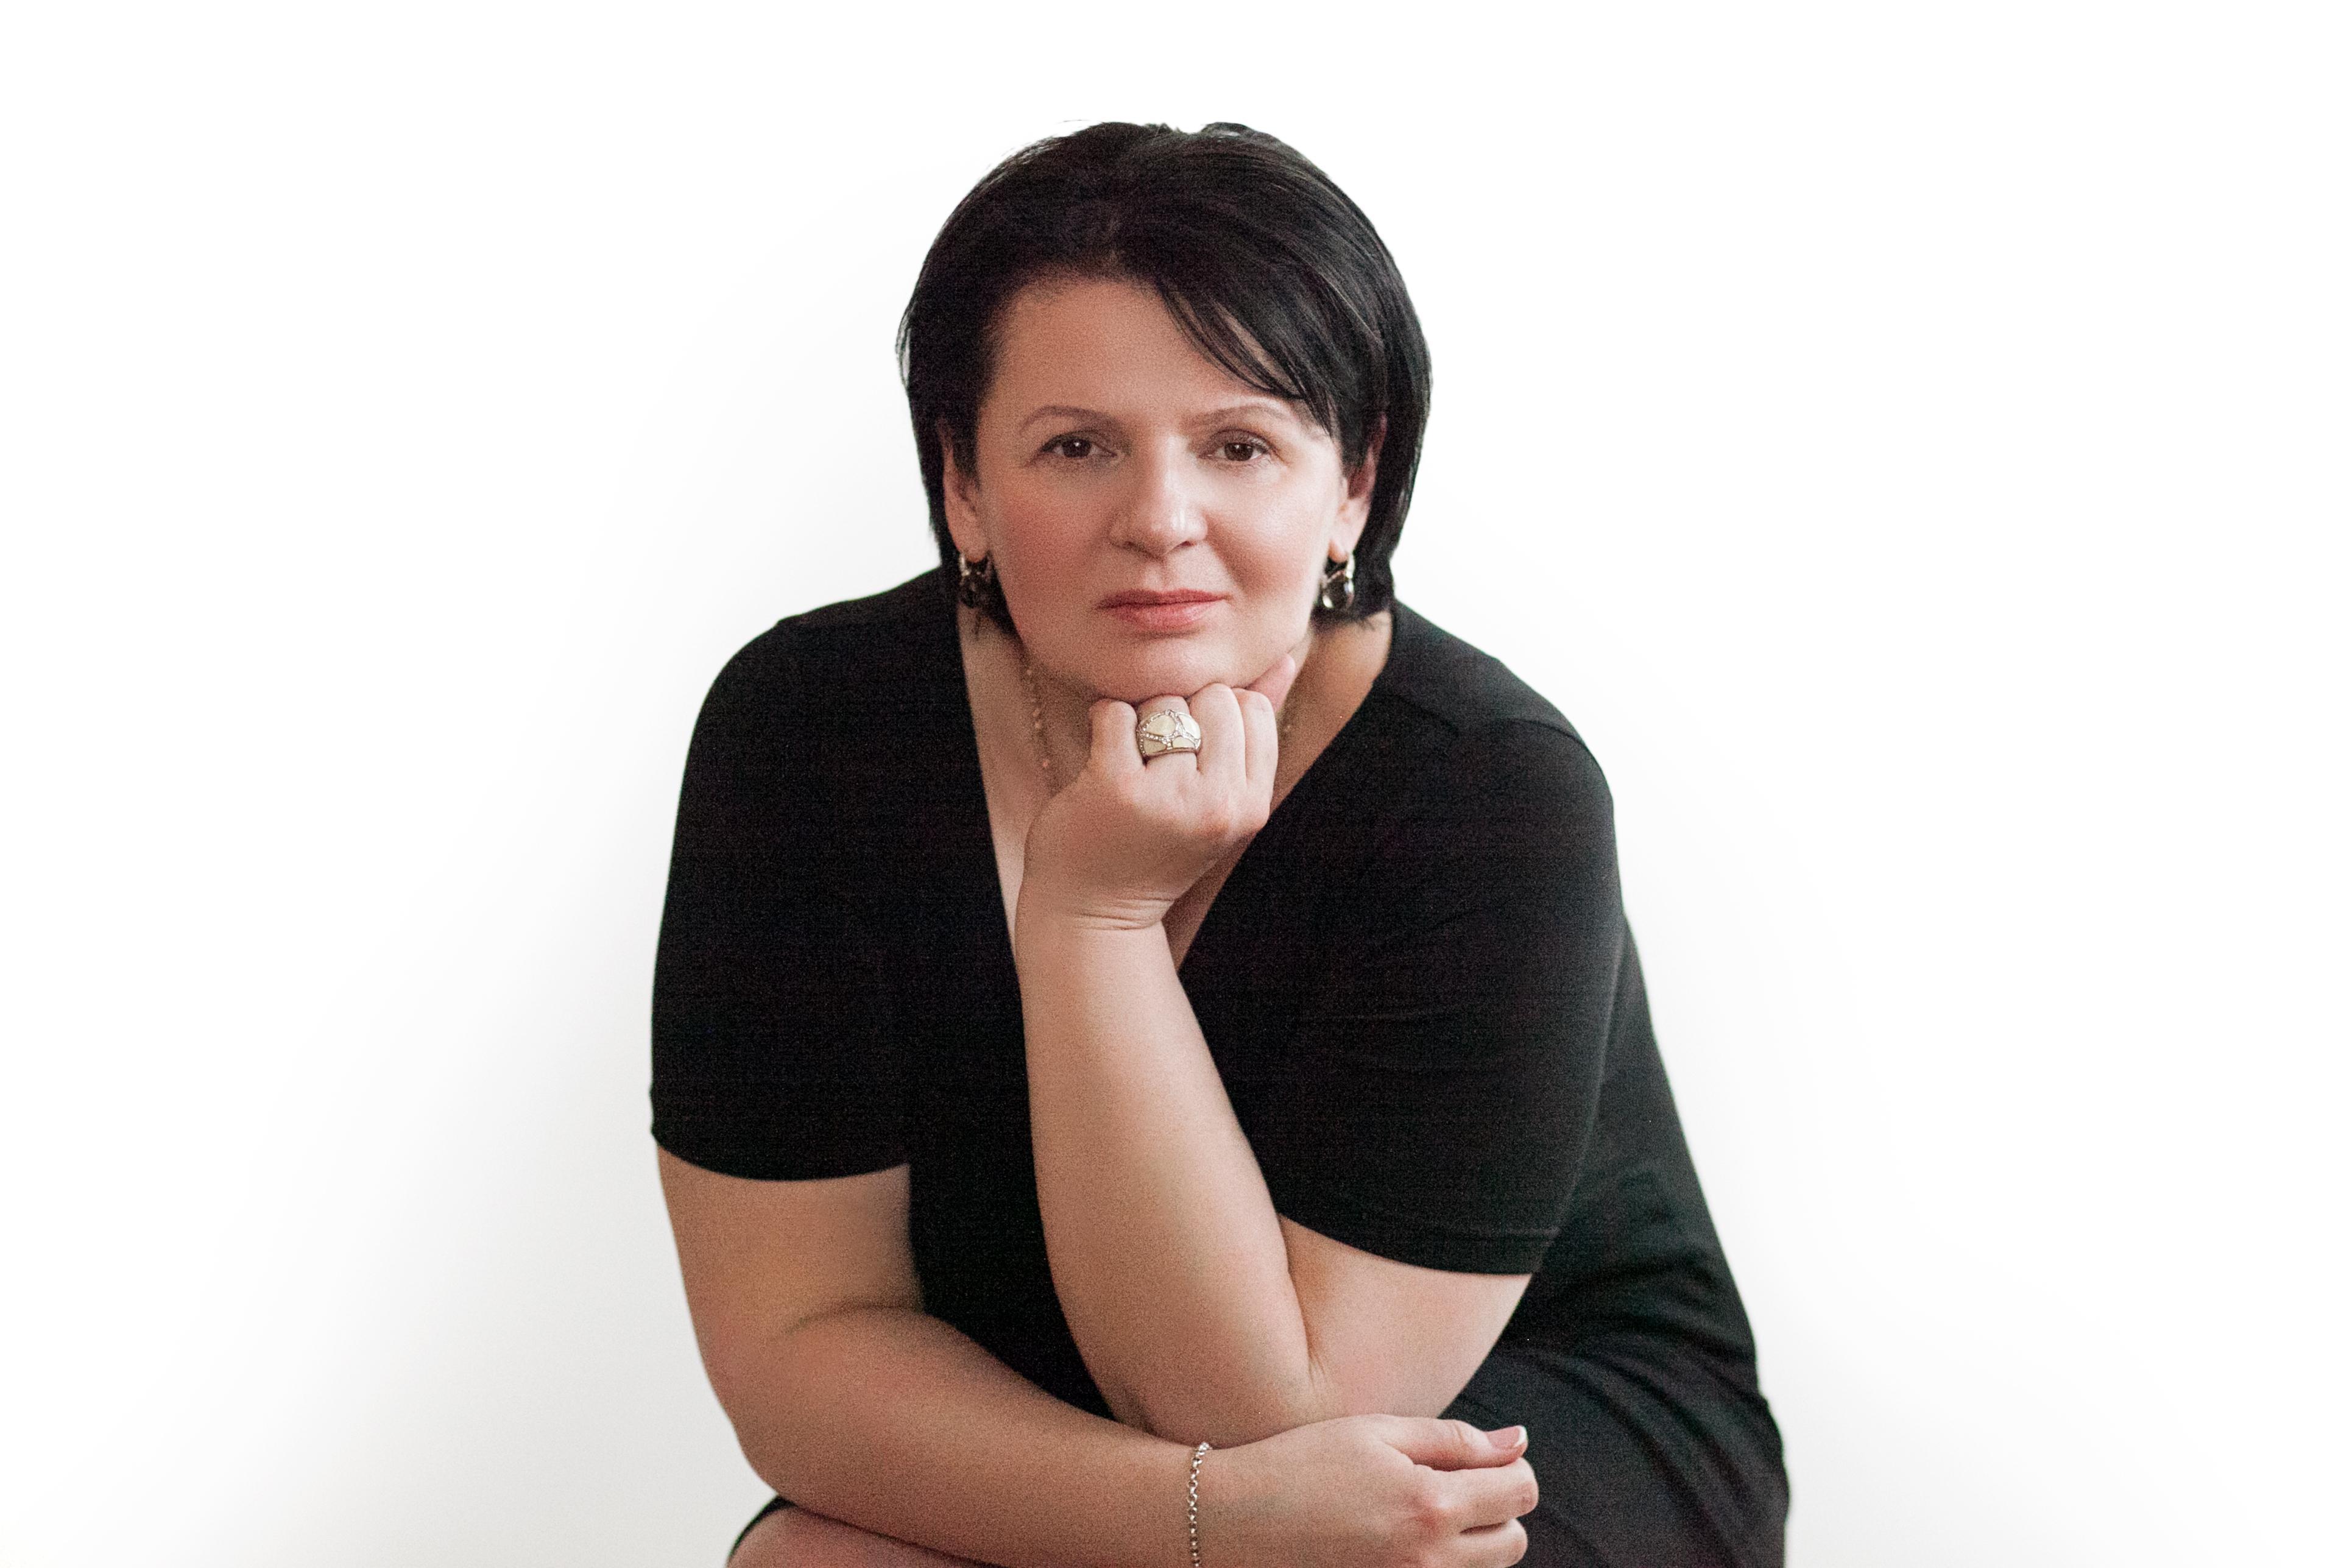 Минская Светлана: о психологии и психиатрии просто и понятно